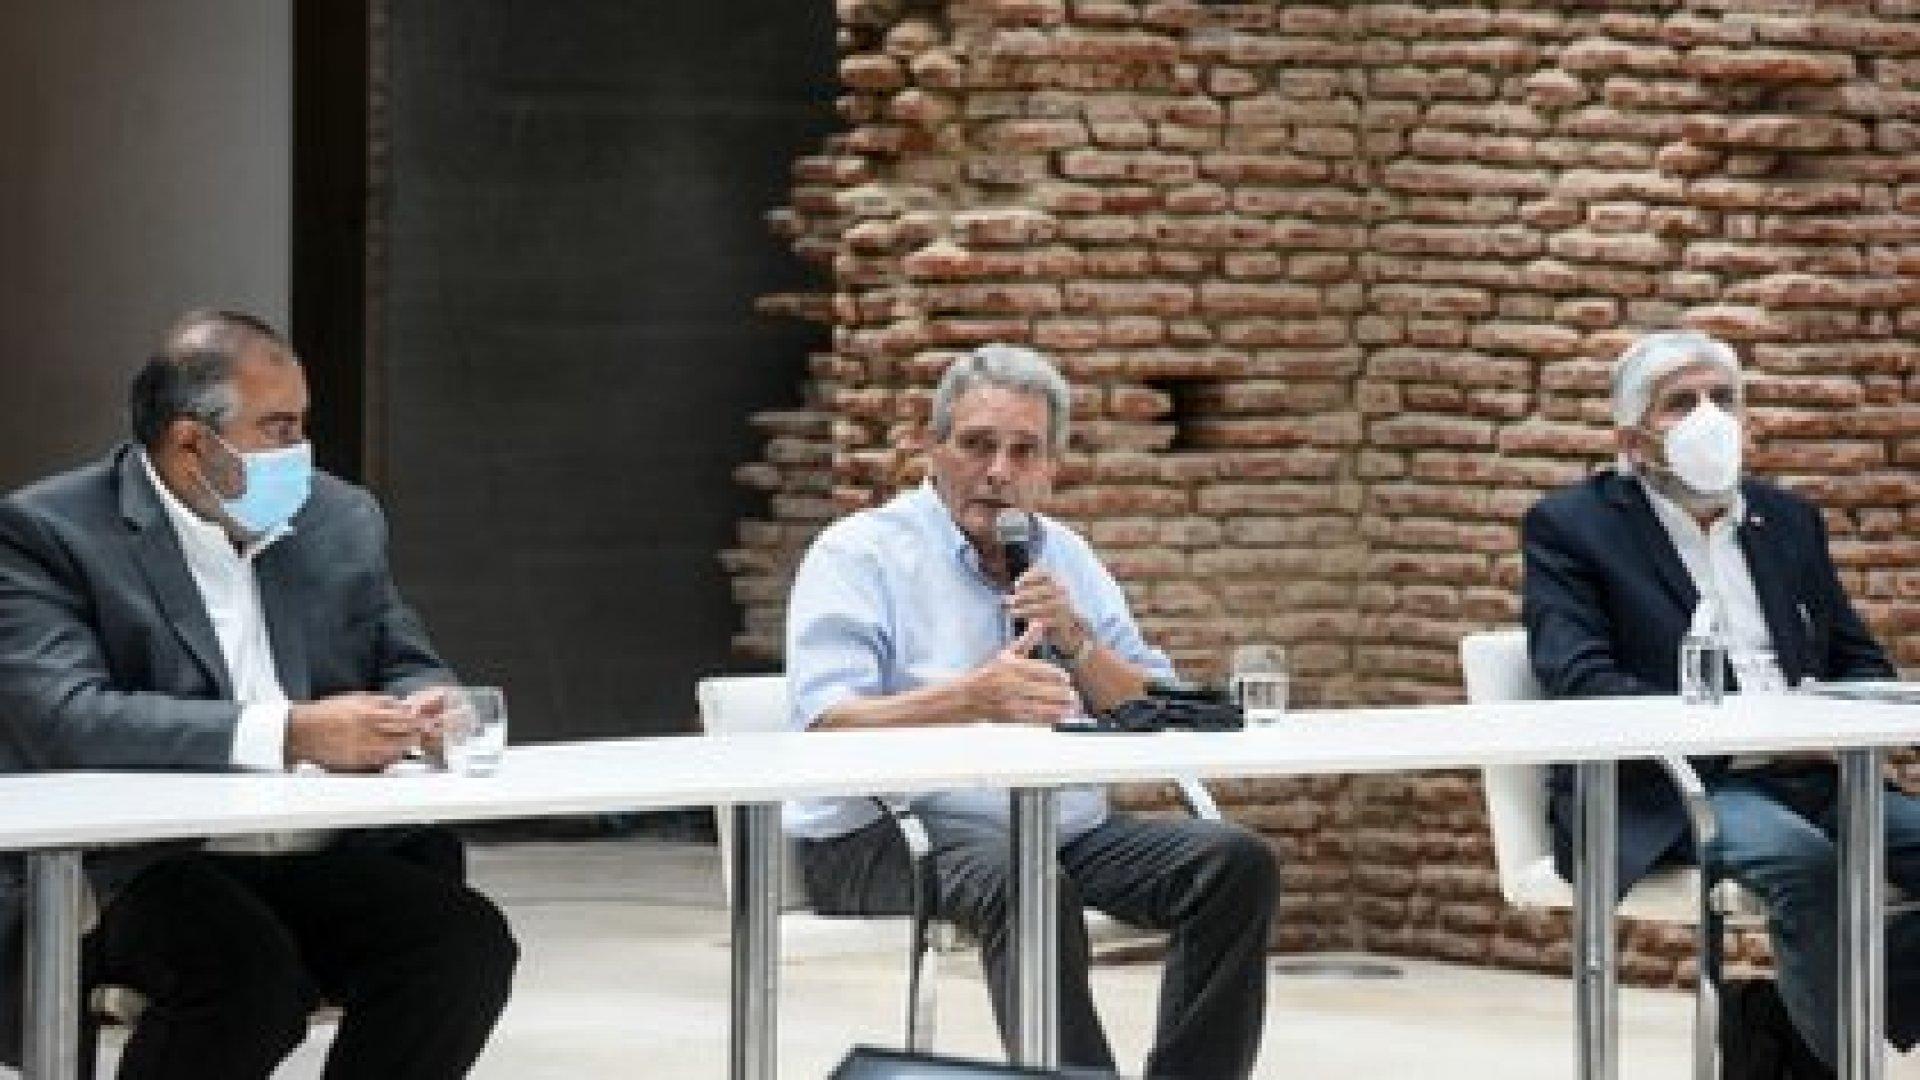 Los dirigentes de la CGT Héctor Daer y Carlos Acuña y el líder camionero Hugo Moyano, en la primera reunión por el acuerdo de precios y salarios